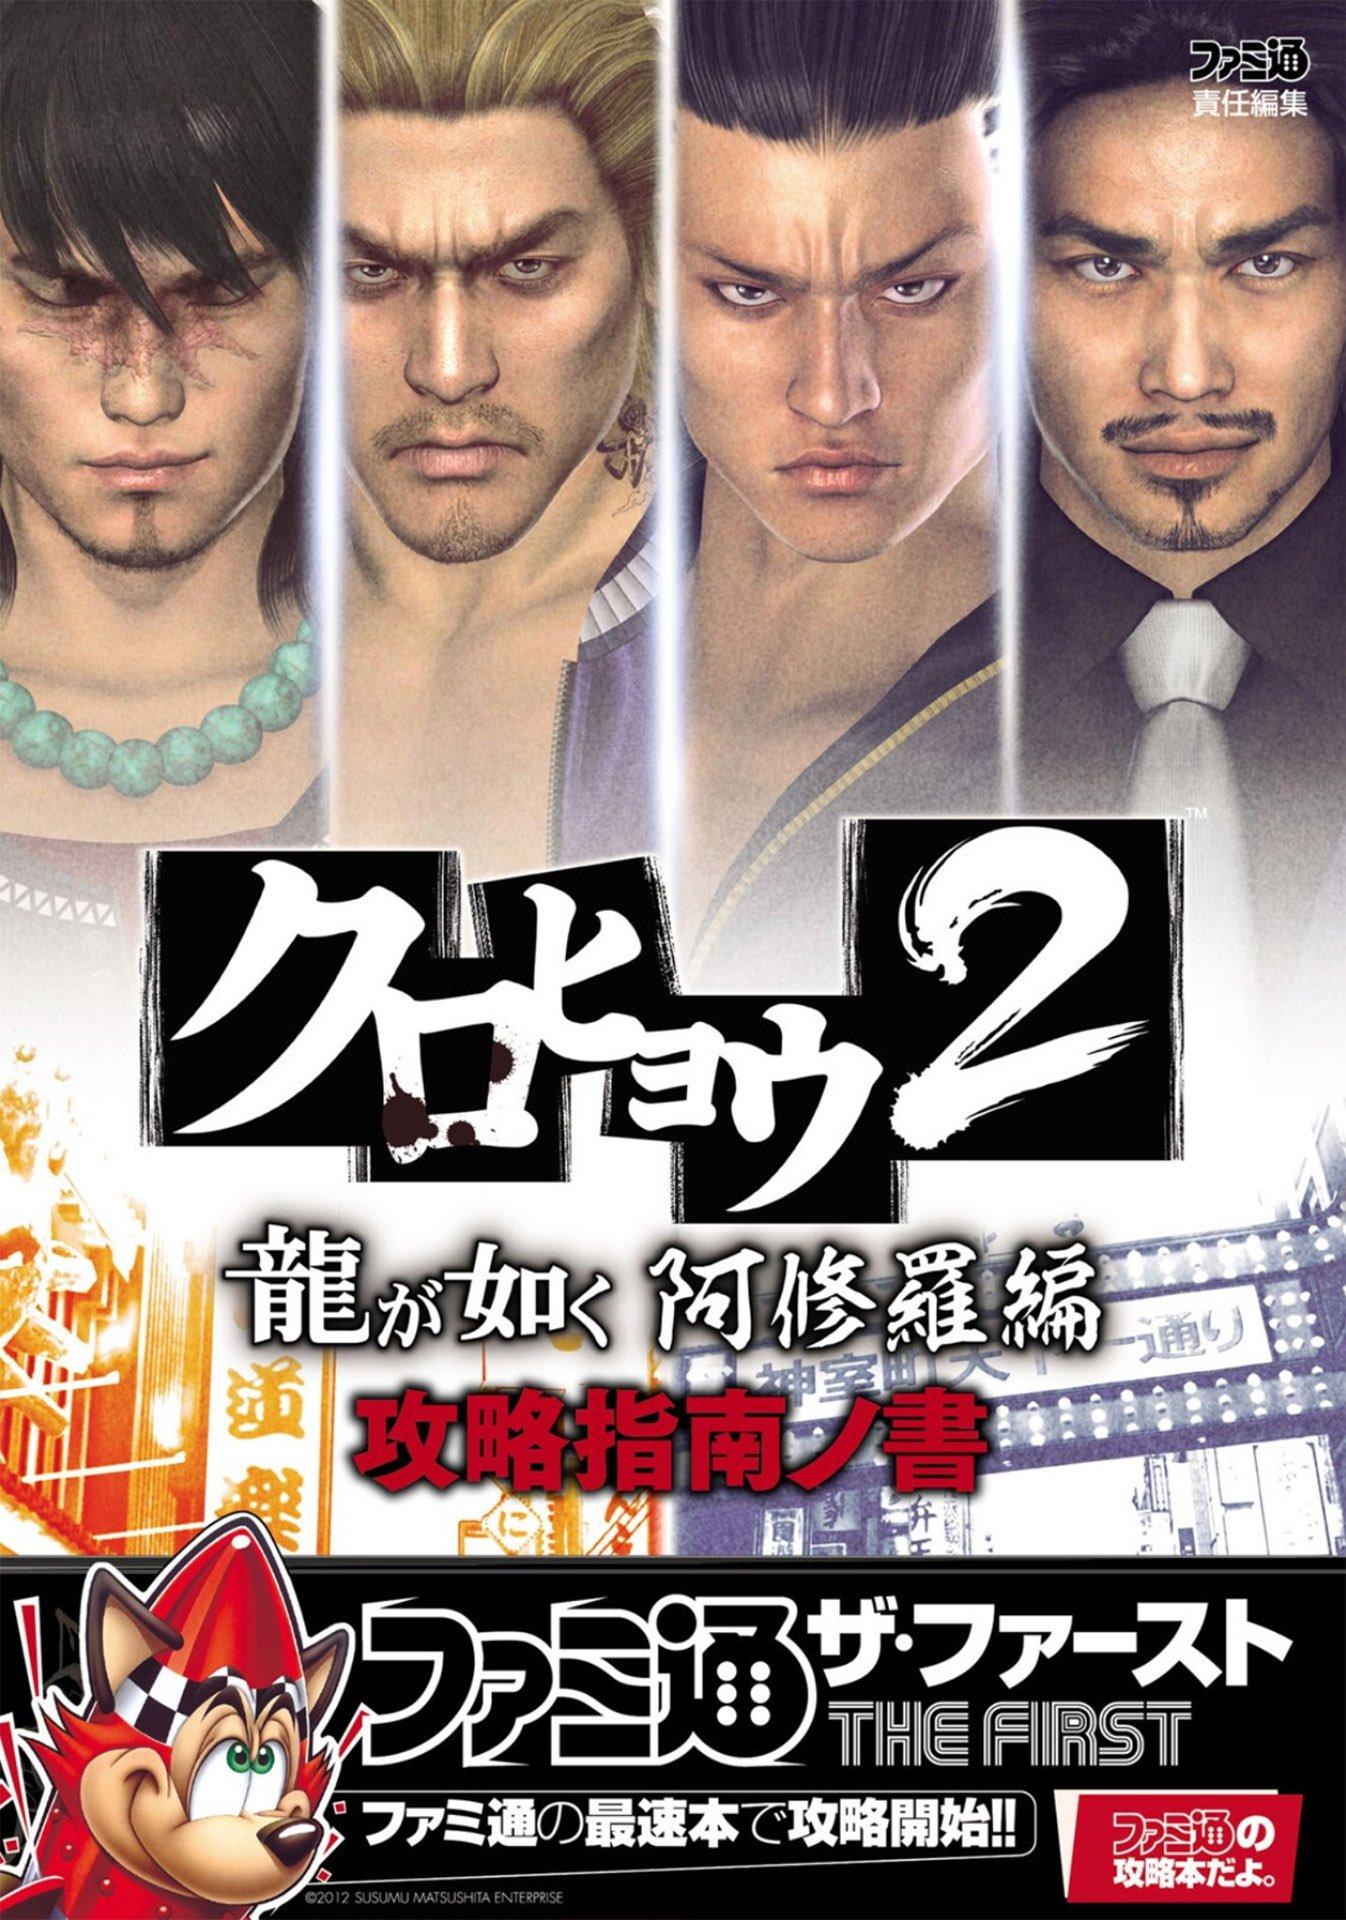 Kurohyou 2 - Ryu ga Gotoku Ashura Hen - Kōryaku shinan no sho